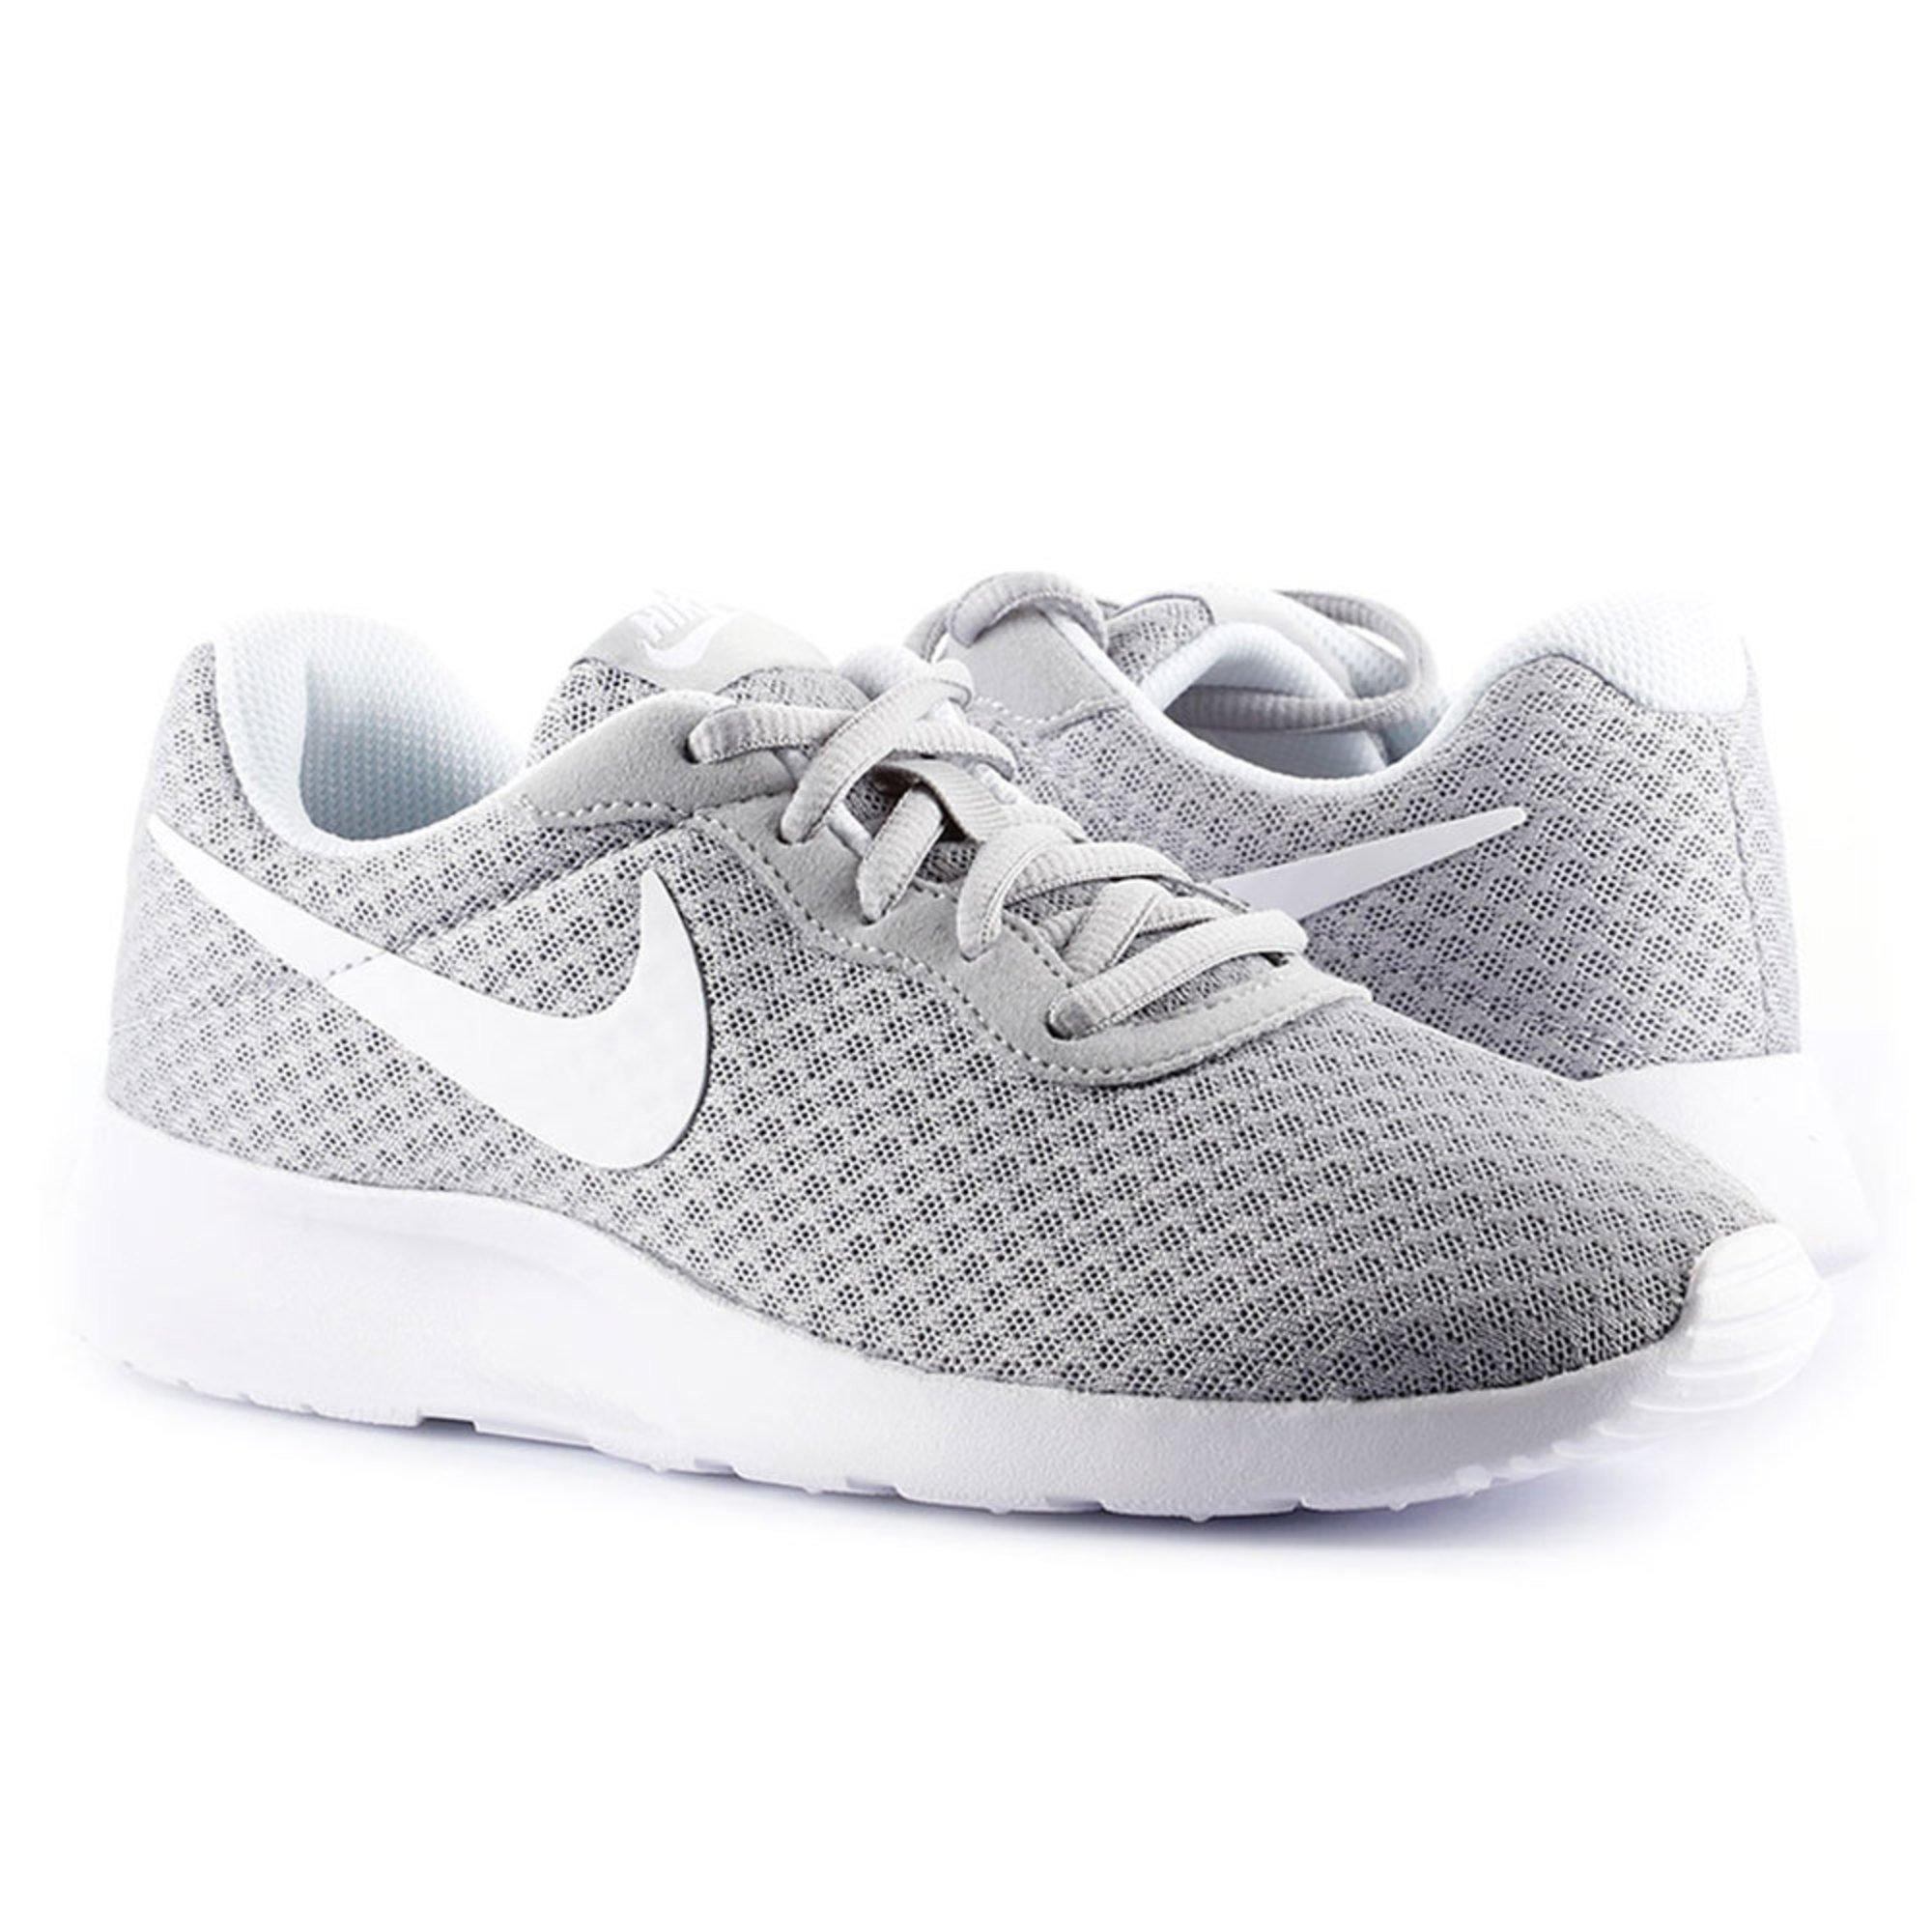 d7241931195 Nike. Nike Women s Tanjun Running Shoe